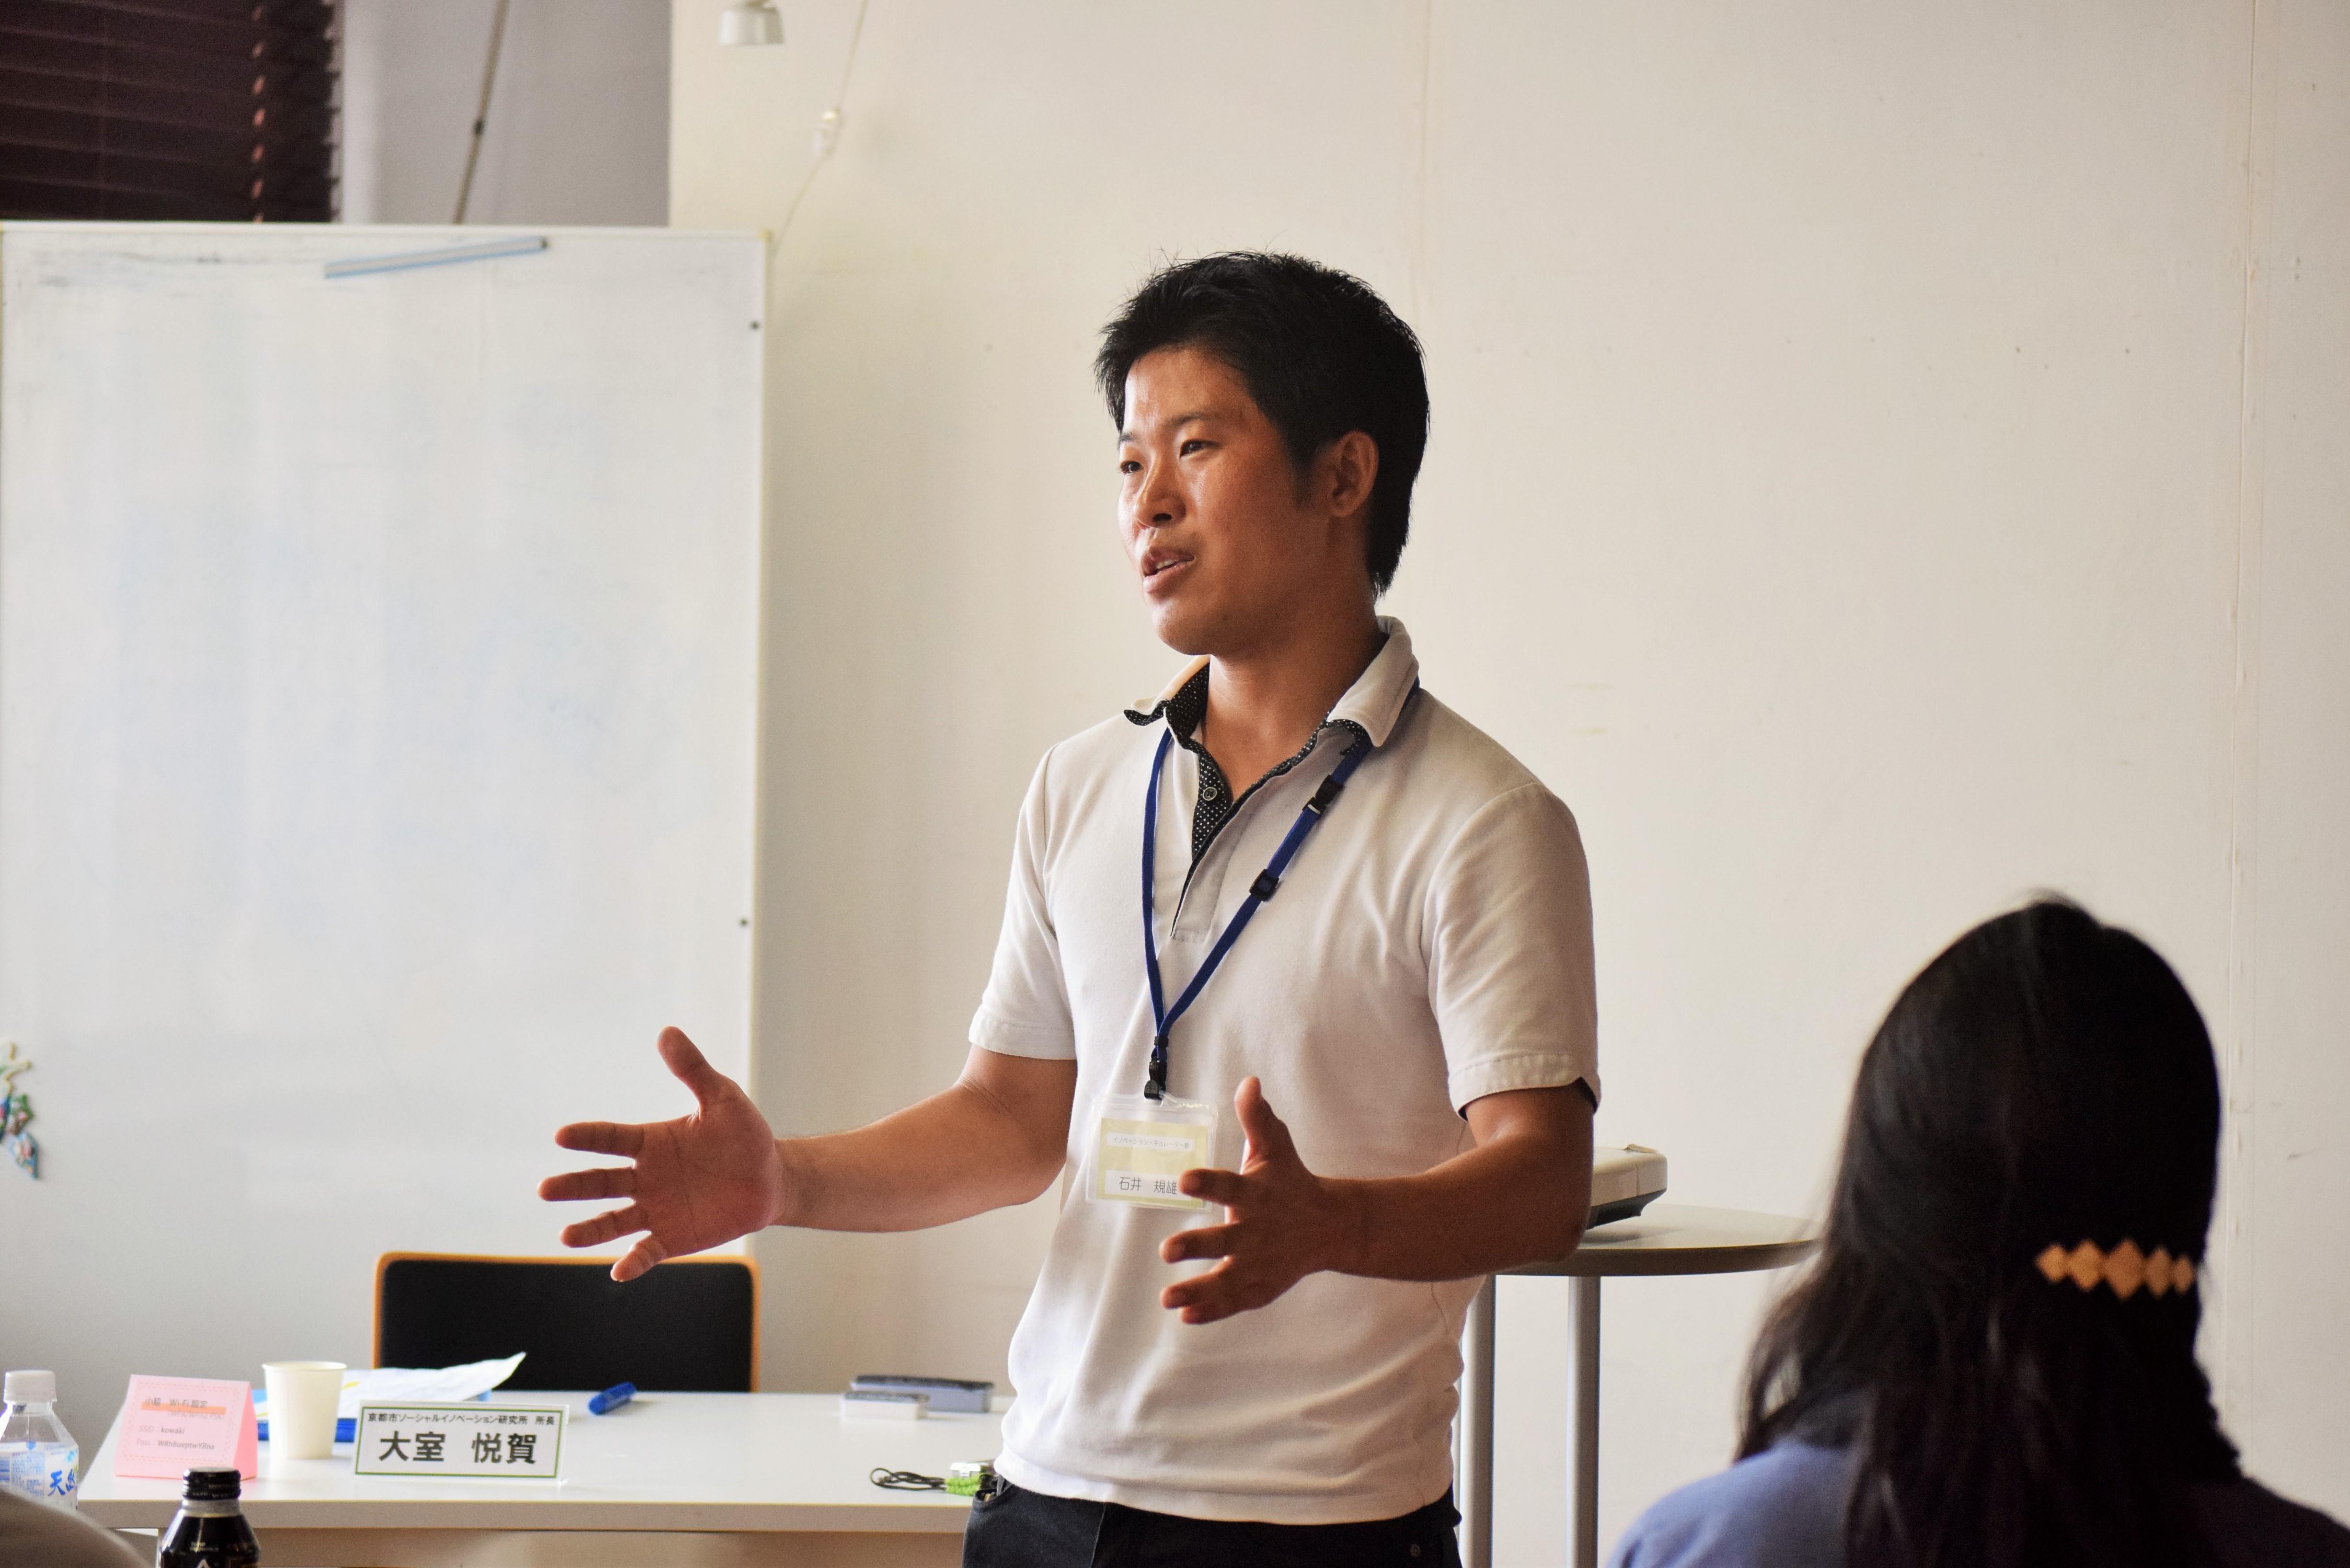 中小企業診断士 石井規雄さんーイノベーション・キュレーター塾生インタビュー